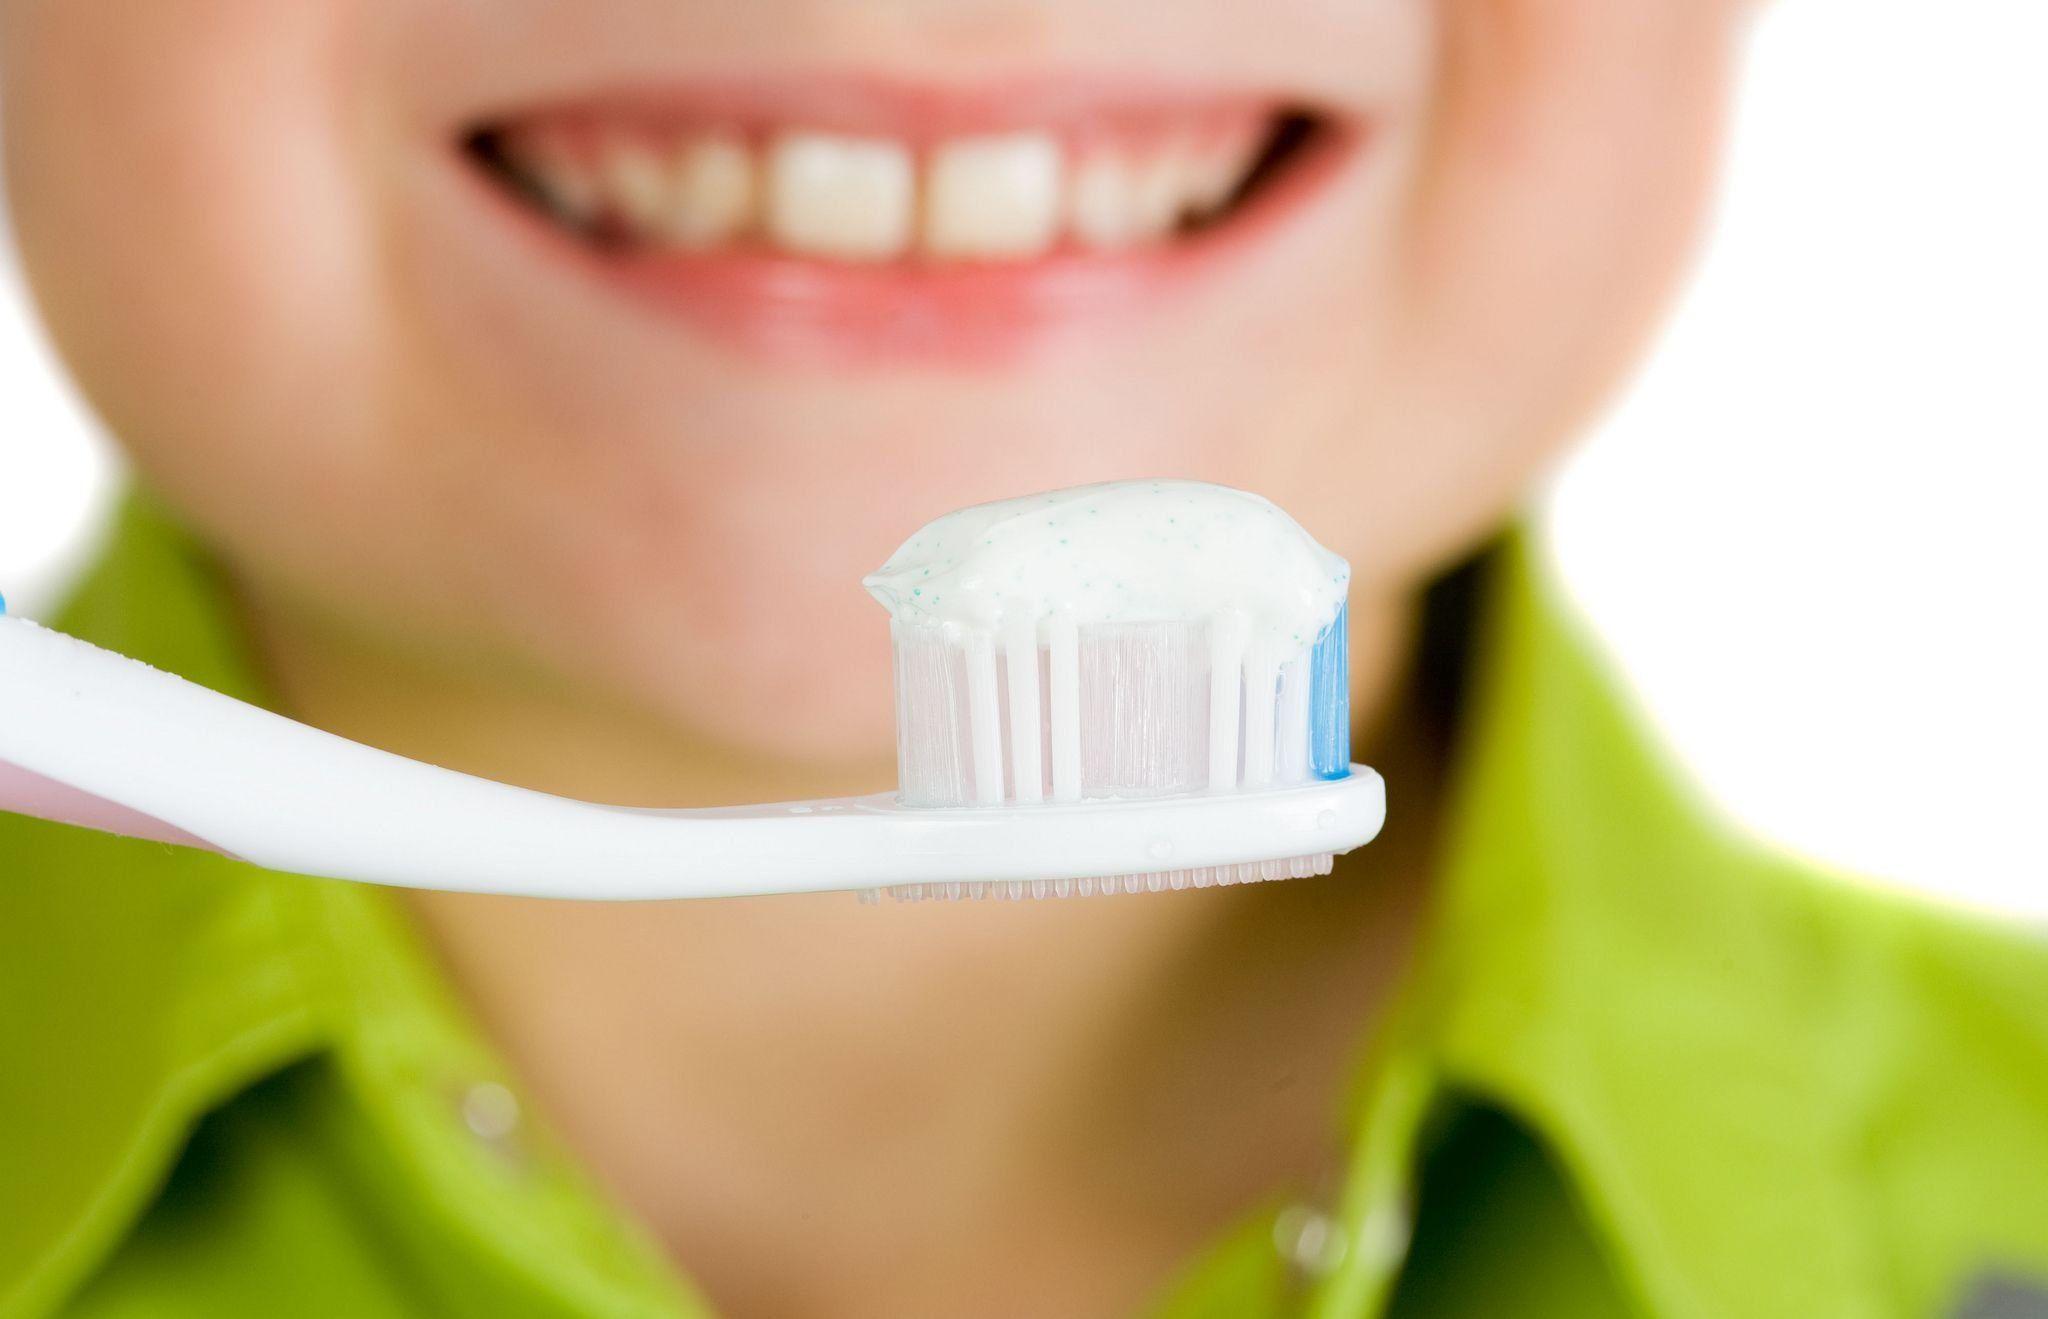 Рейтинг лучших детских зубных паст в 2020 году